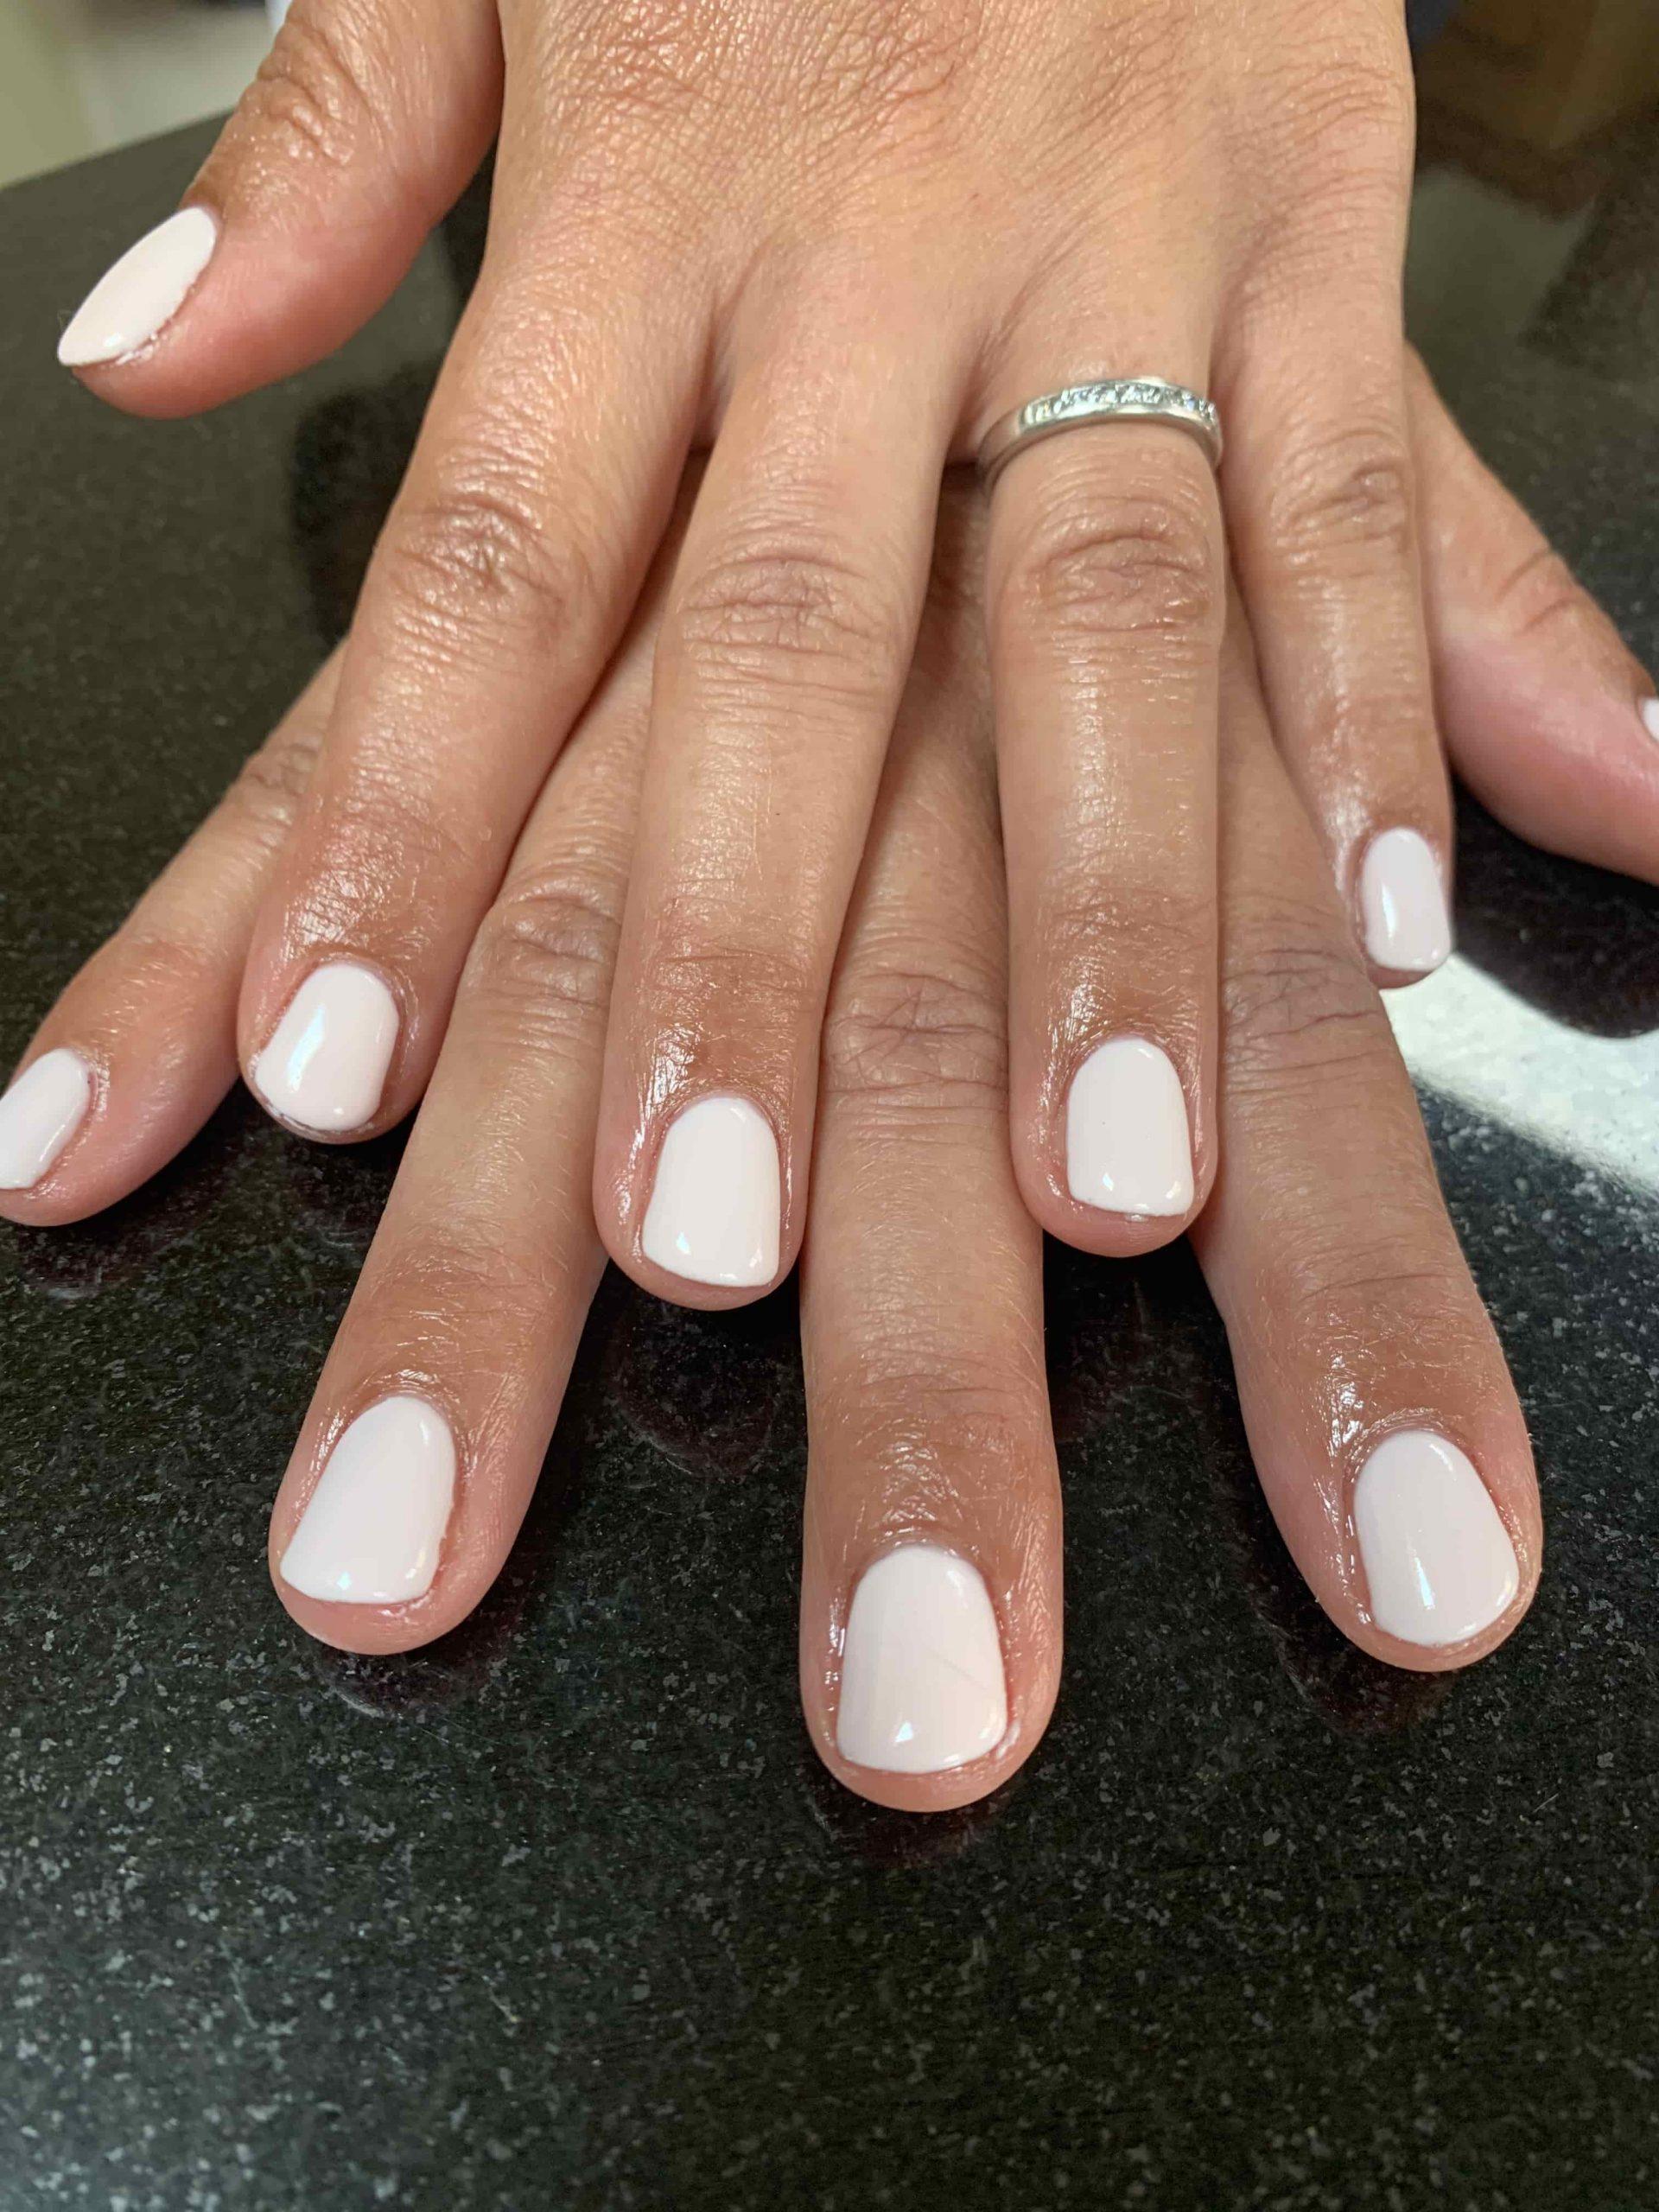 Potter's Pinkies, CND Shellac, nail art, nail pro, nail artist, nail technician, gel nails, shellac nails, acrylic nails, ware, mobile